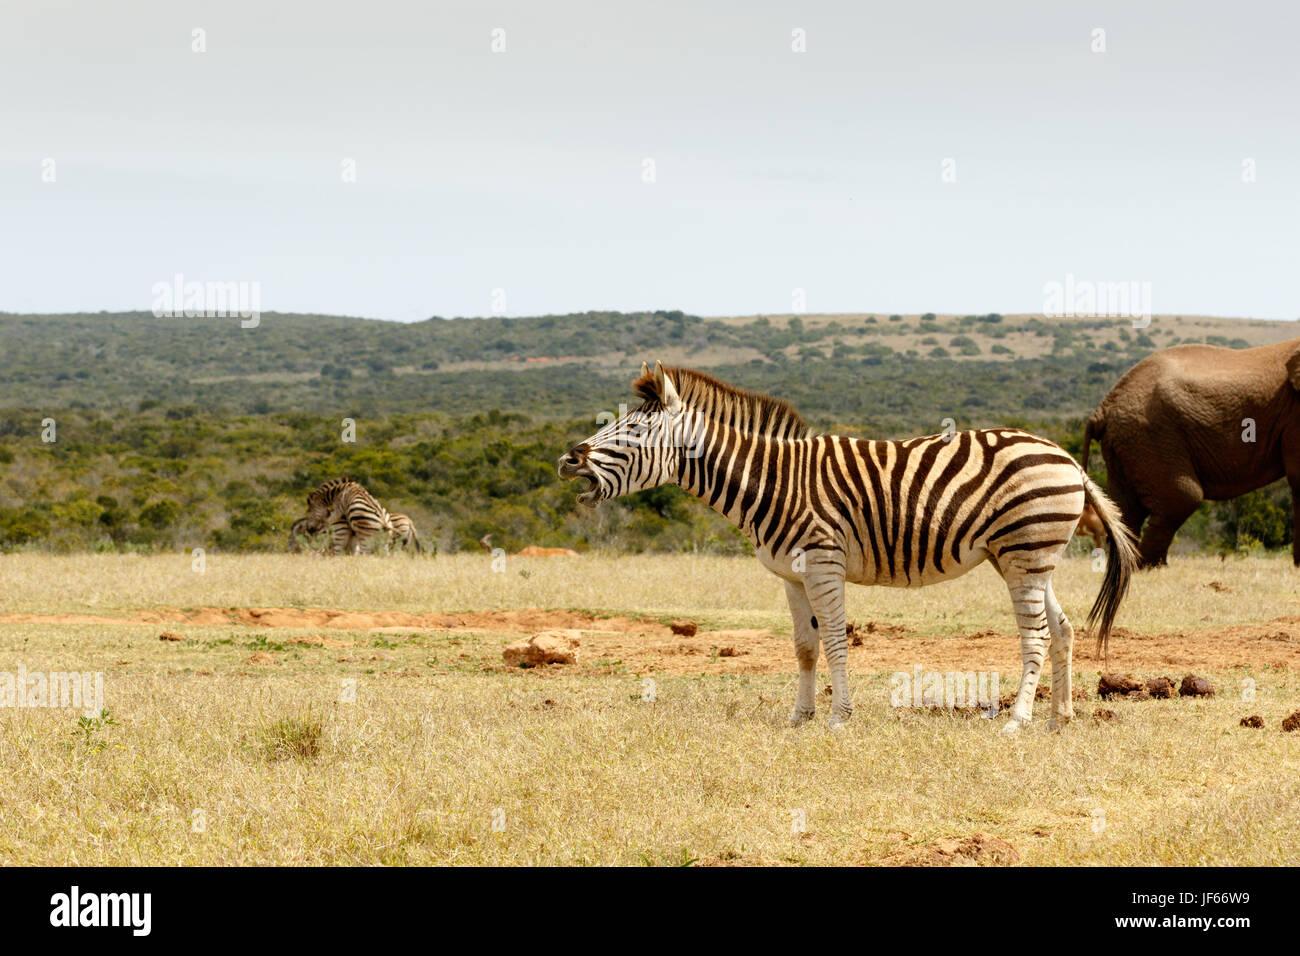 Burchell's Zebra standing and choking - Stock Image